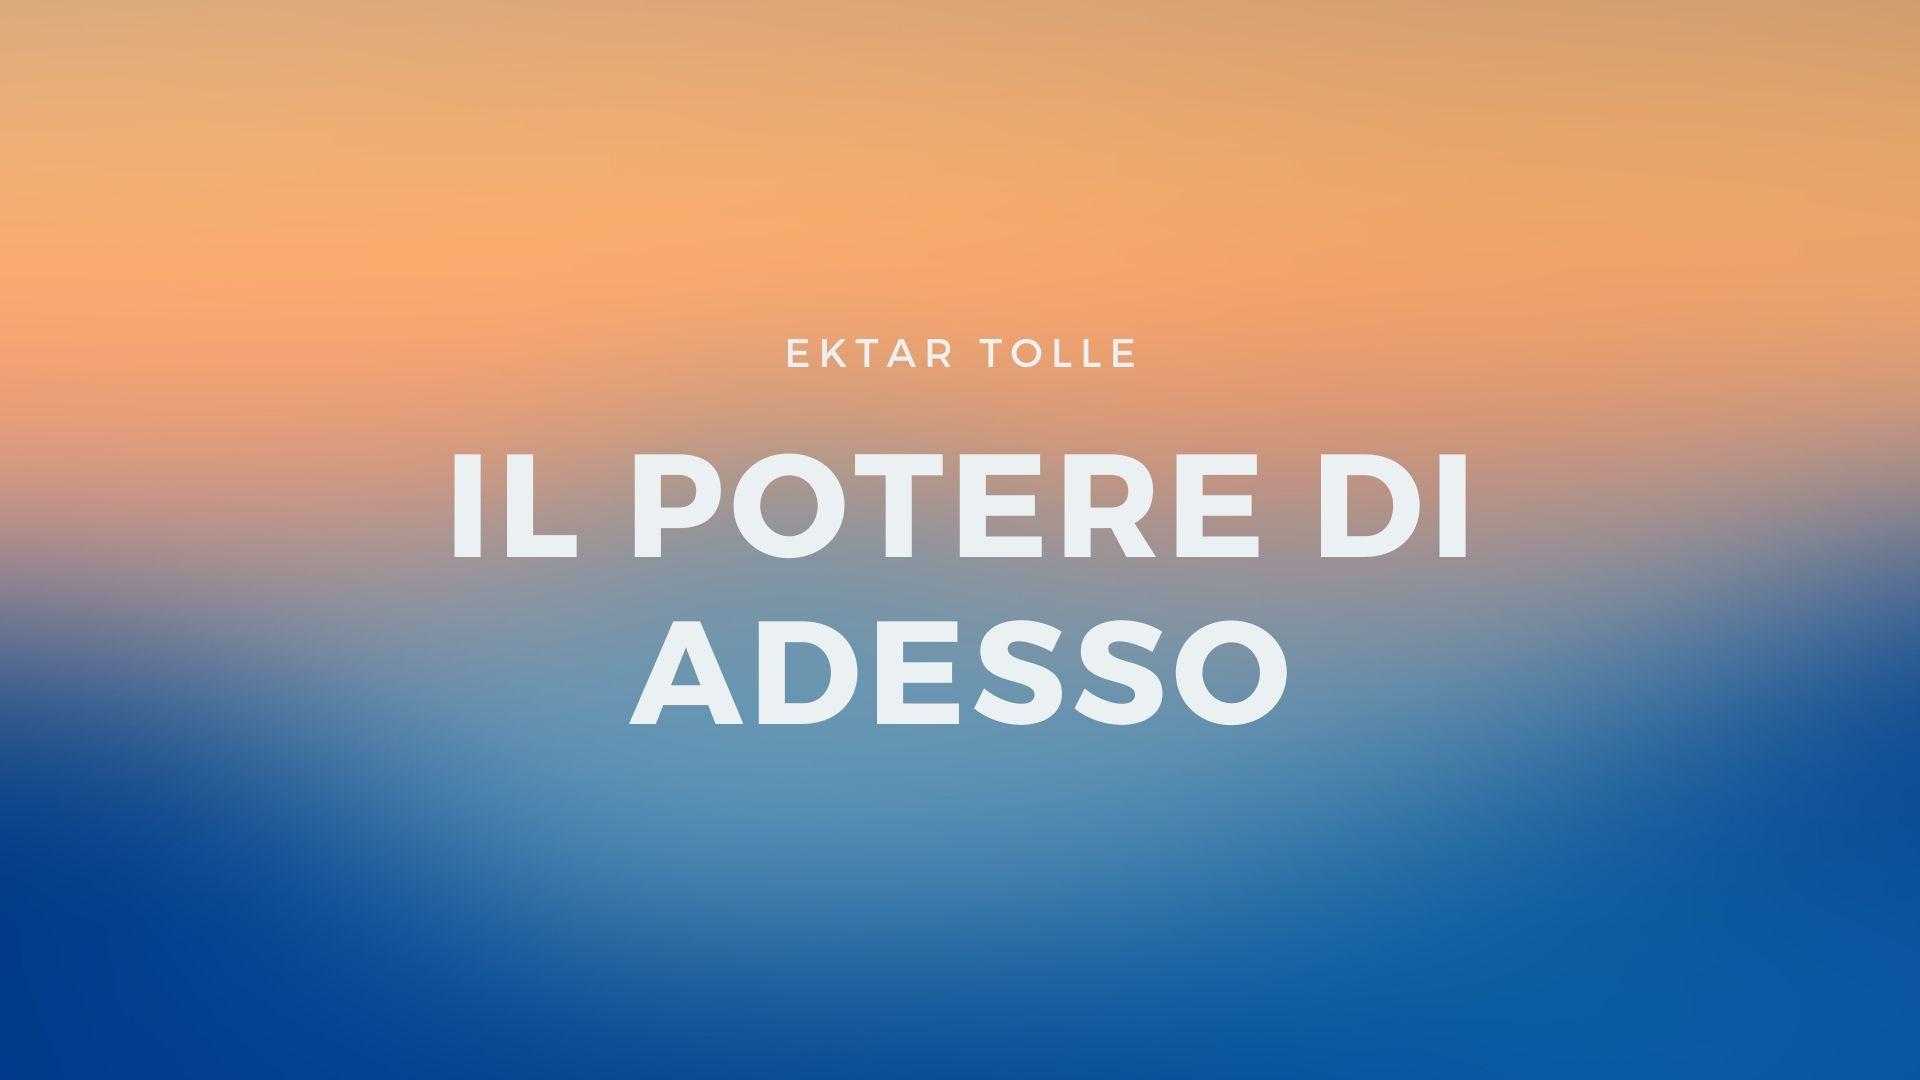 """""""Il potere di adesso"""" di Ektar Tolle: il motto per il 2020"""